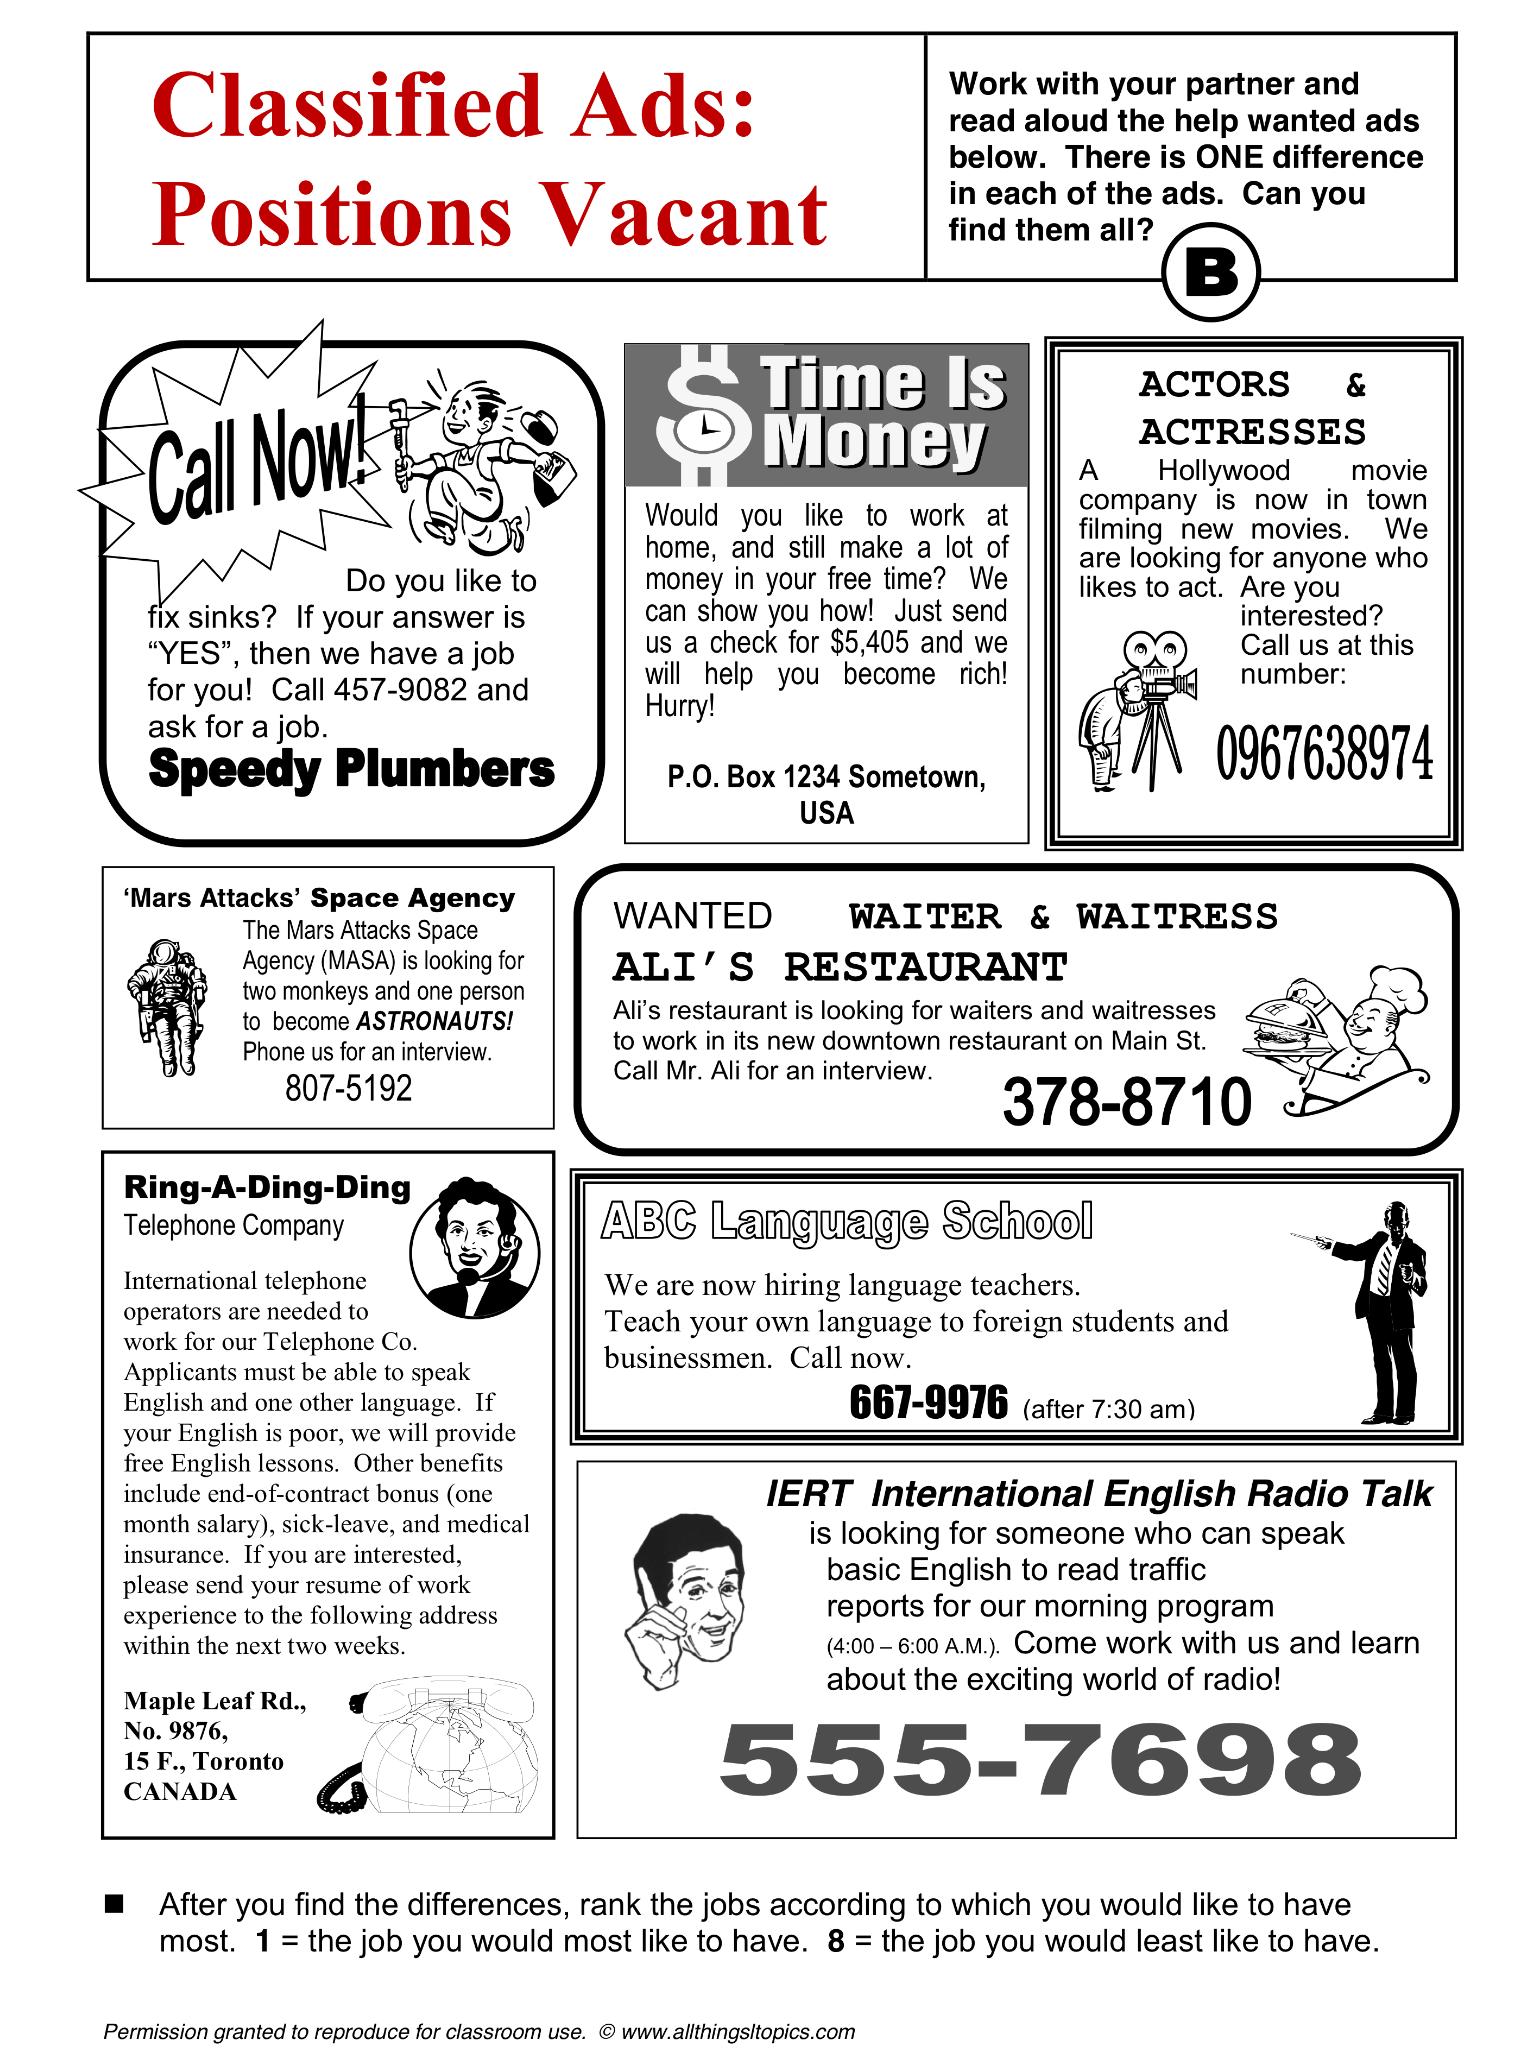 Jobs And Work English Learning English Vocabulary Esl English Phrases Http Www Allth Tecnicas De Aprendizaje Enseñanza De Inglés Lectura De Comprensión